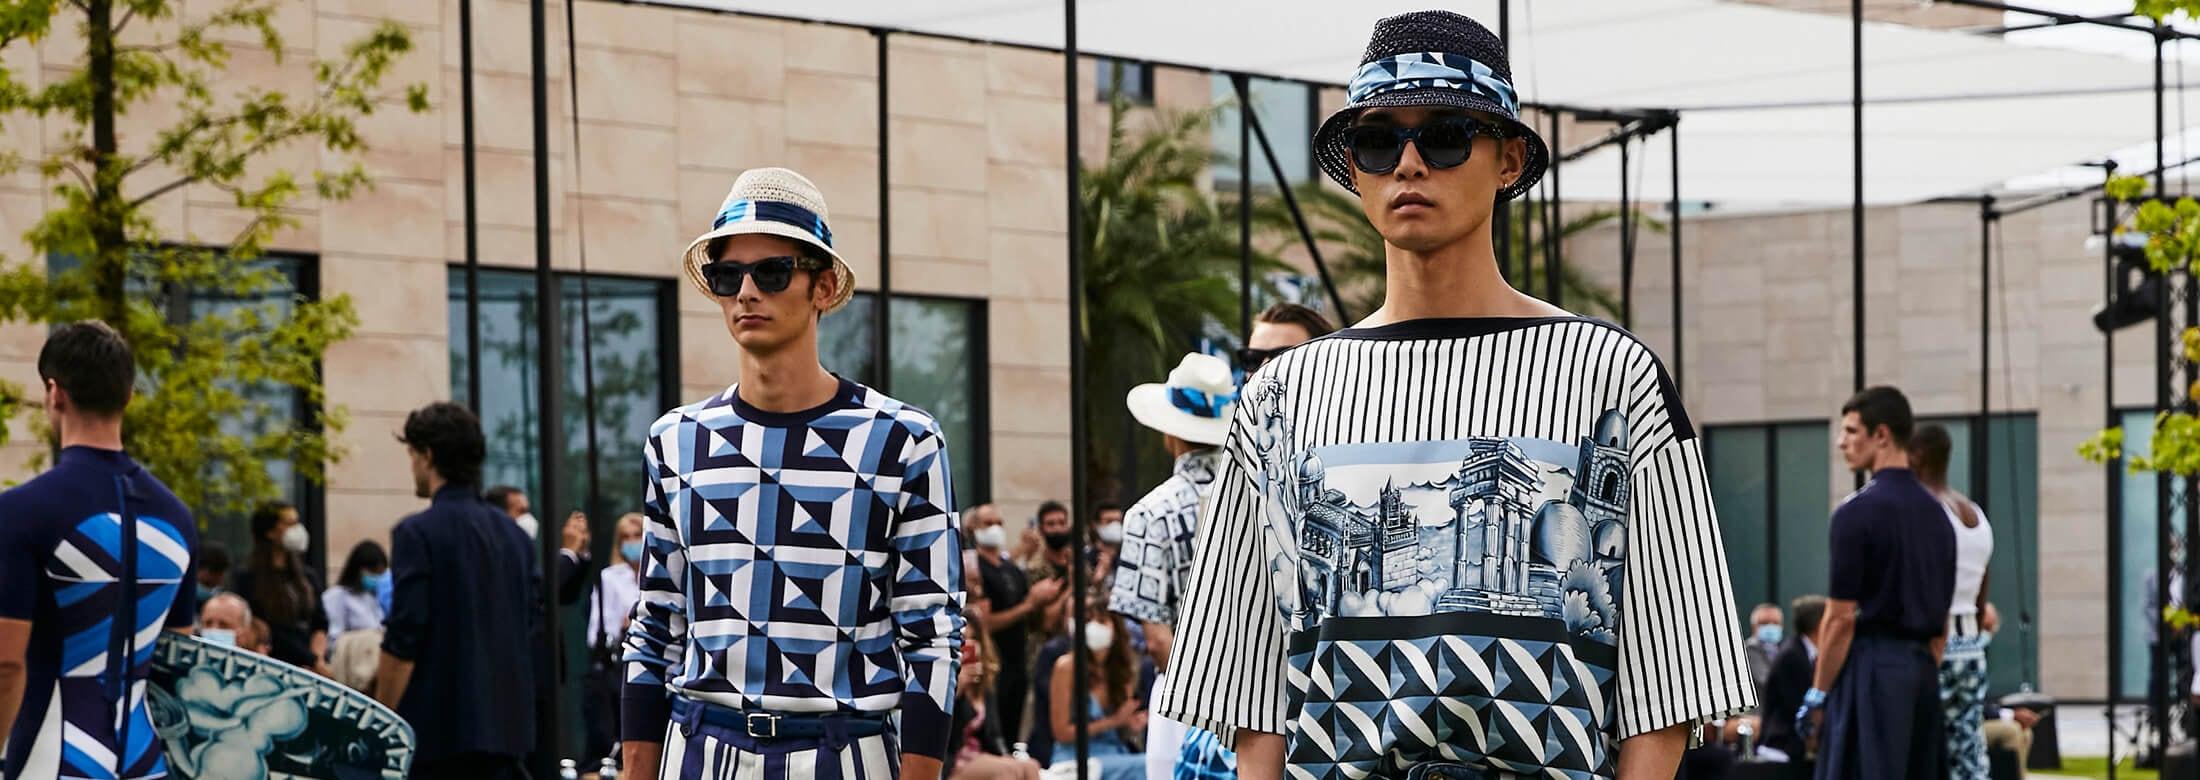 _desk Milano Digital Fashion Week -Dolce Gabbana SS21